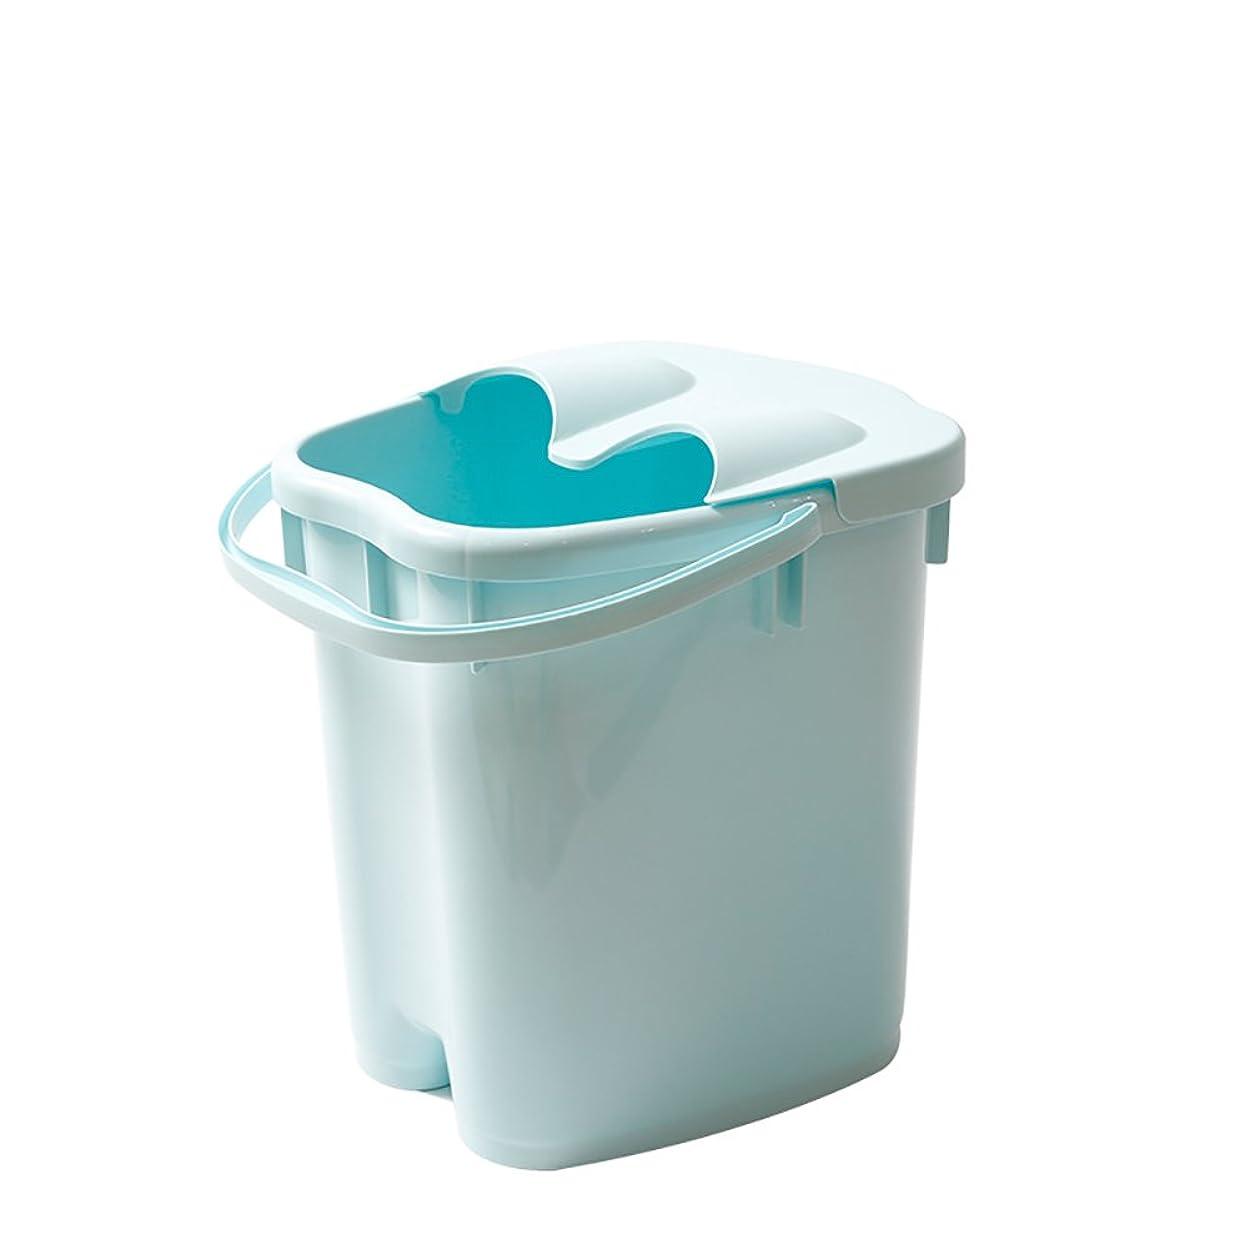 幻想的なぜなら文句を言うフットバスバレル厚いプラスチックマッサージフットバスは、家庭の足湯20Lの大容量高水レベルを高め22 * 30 * 40センチメートル (色 : Blue)